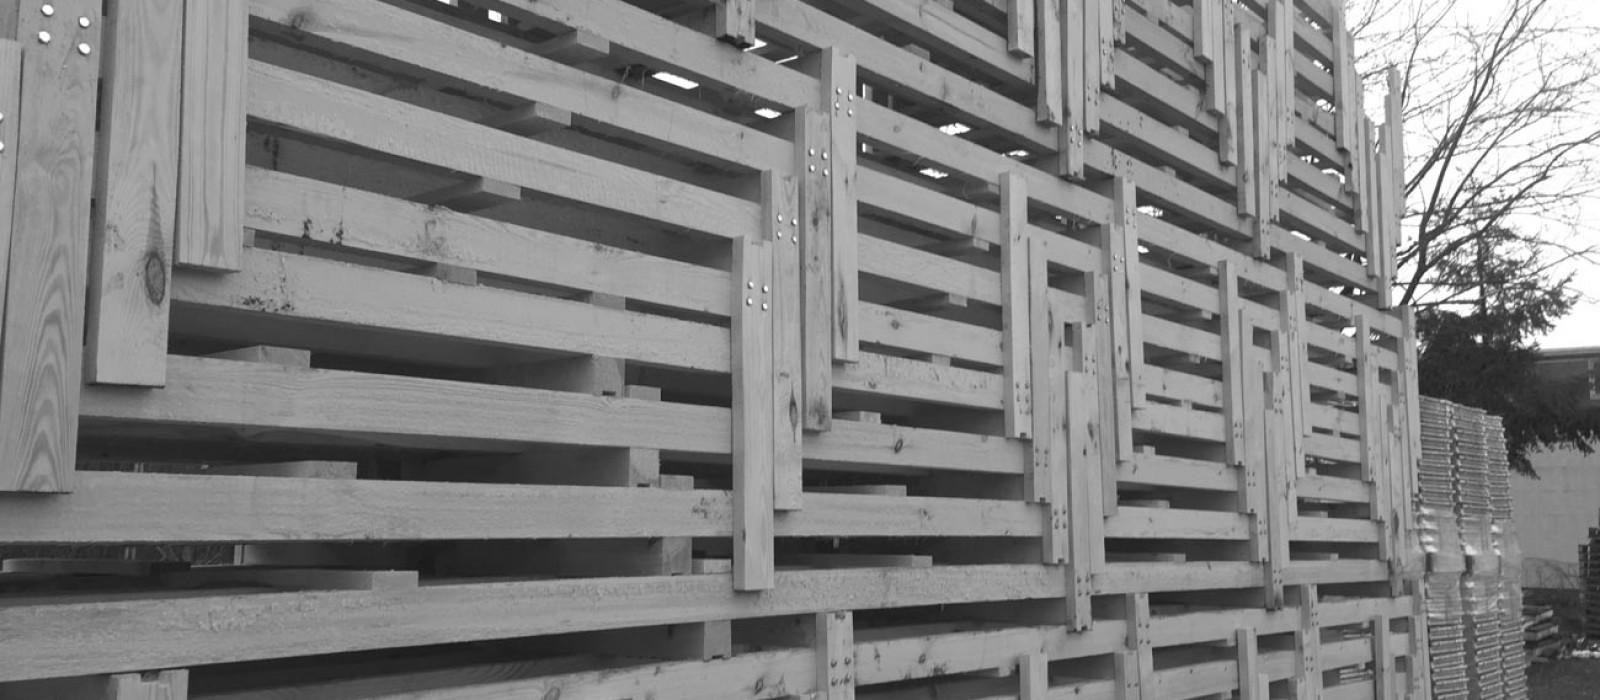 Langgutpaletten-aus-Holz